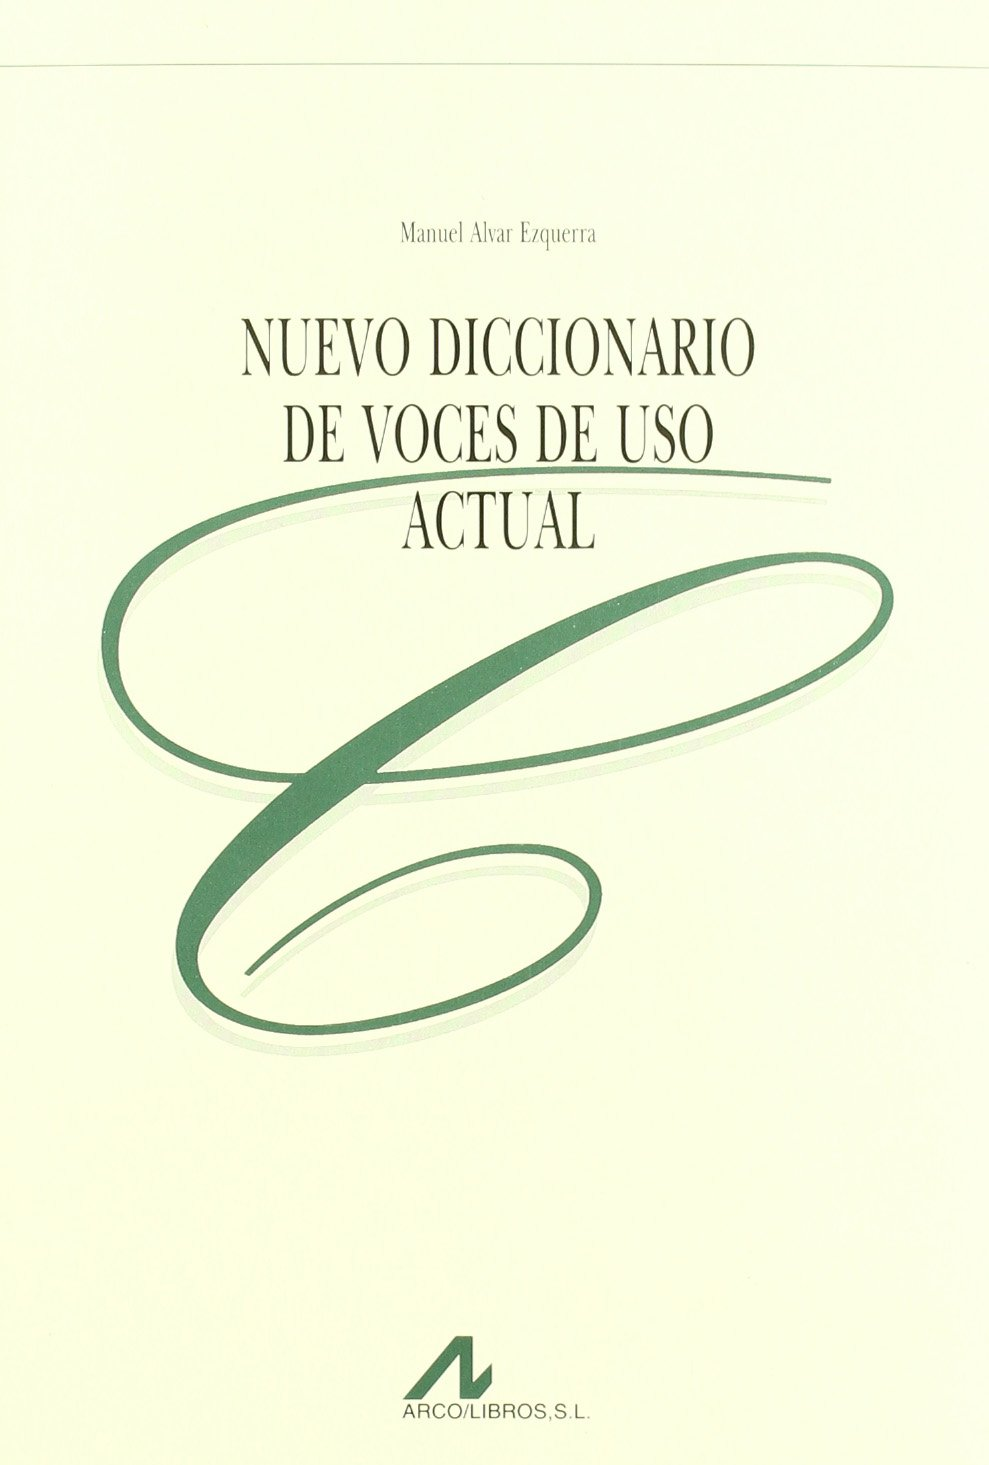 Nuevo diccionario de voces de uso actual Manuales y diccionarios ...